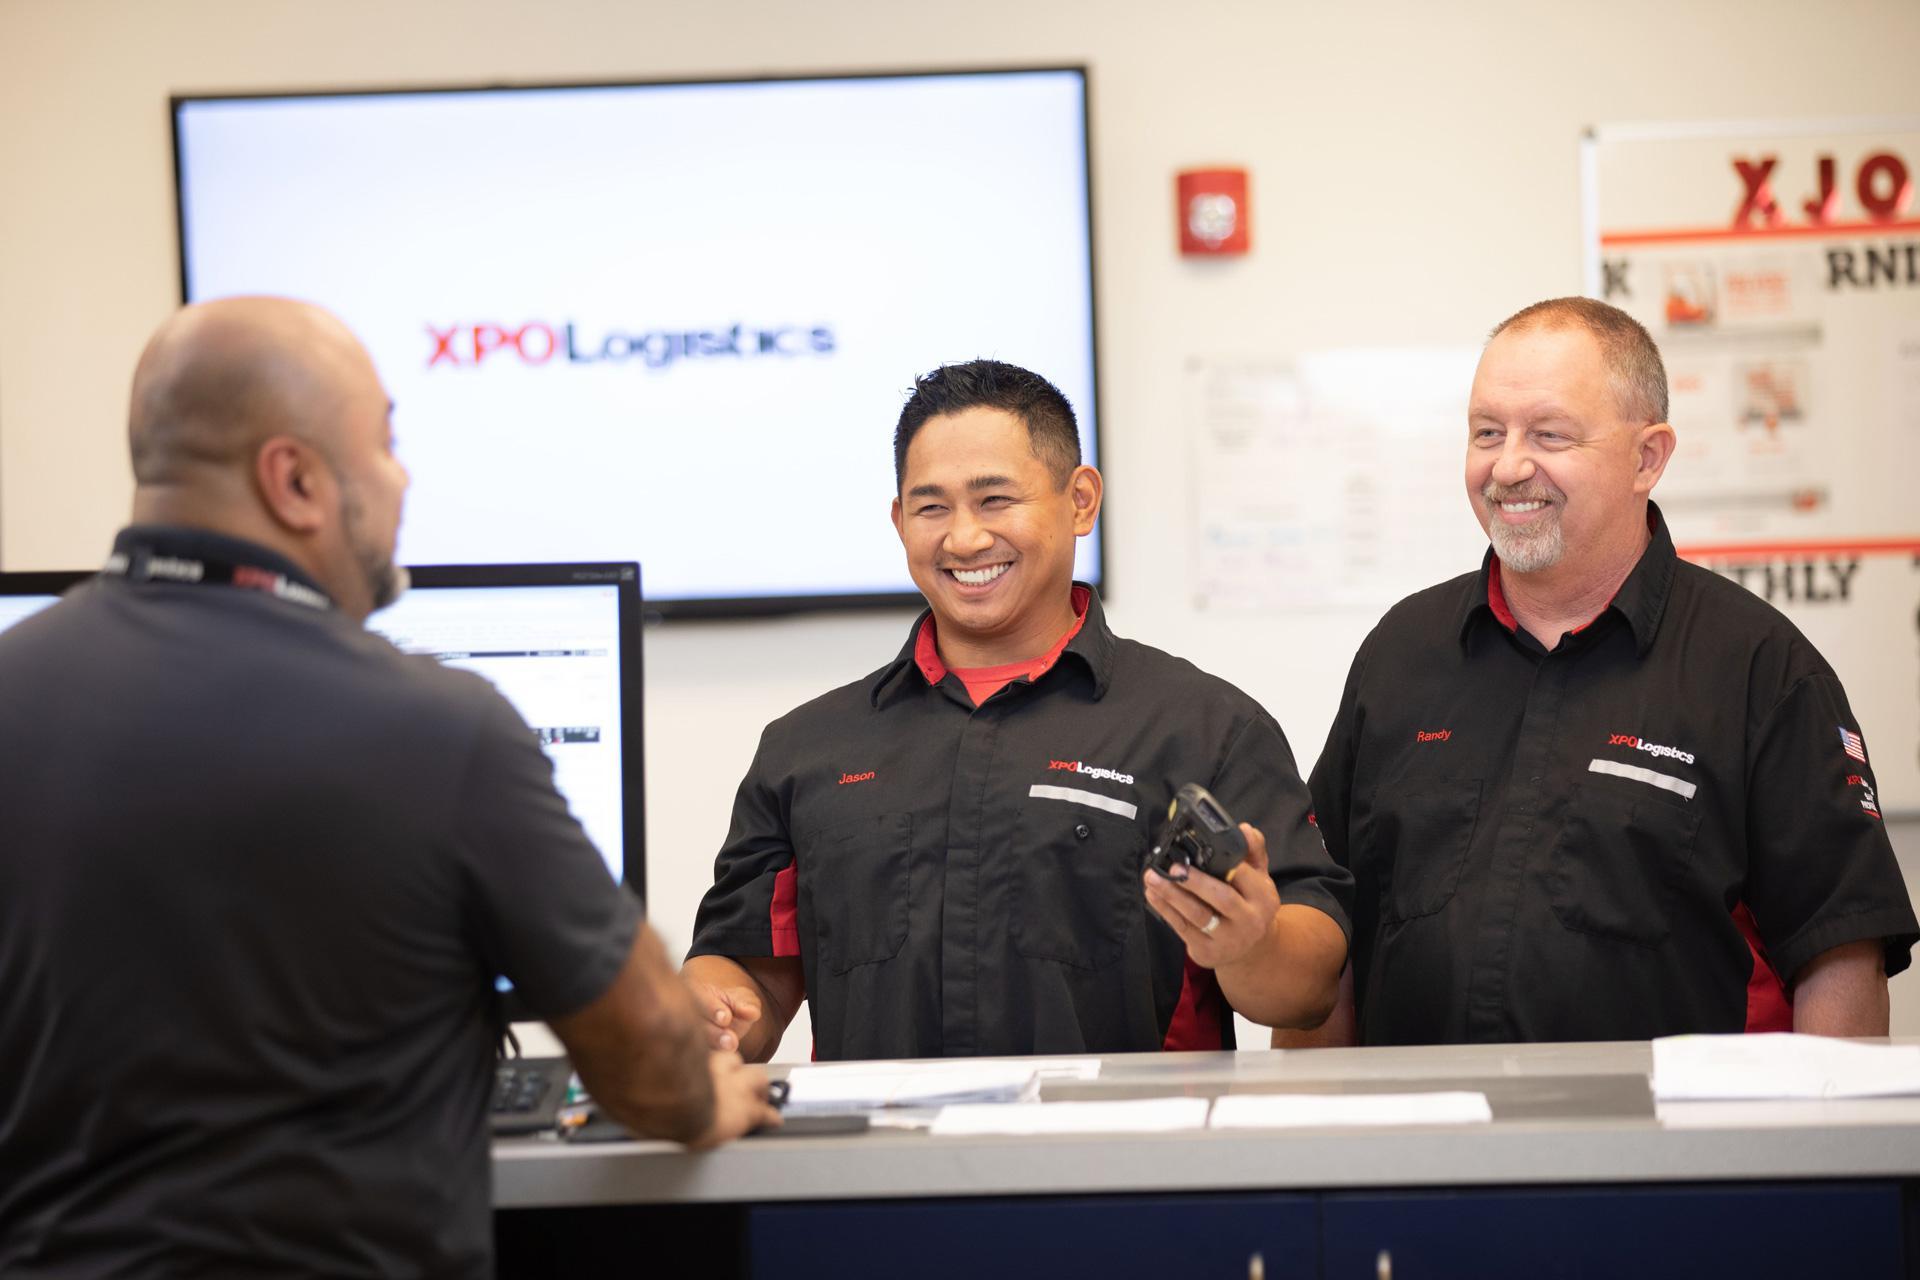 XPO employees